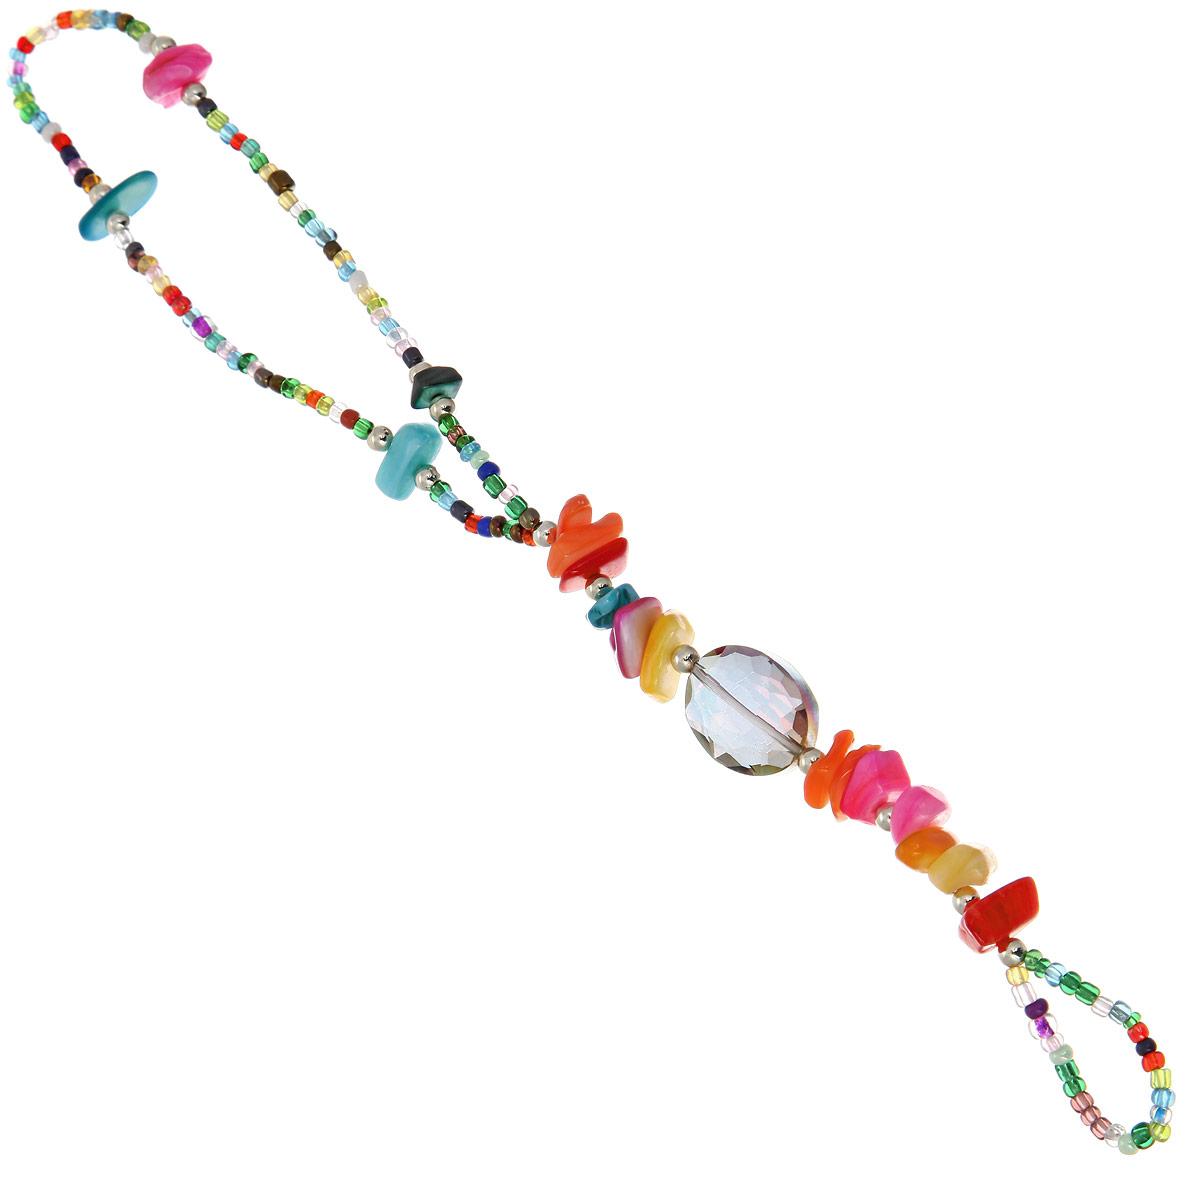 Браслет Taya, цвет: мультиколор. T-B-10135T-B-10135-BRAC-MULTIЯркий женский браслет Taya изготовлен из разноцветного бисера, бусин и камней. Браслет выполнен в стиле индийских украшений. Модель браслета нестандартная, он с одной стороны одевается на запястье, а с другой - на палец. Элементы браслета соединены с помощью тонкой резинки. Изделие придется по душе всем, кто следит за трендами.